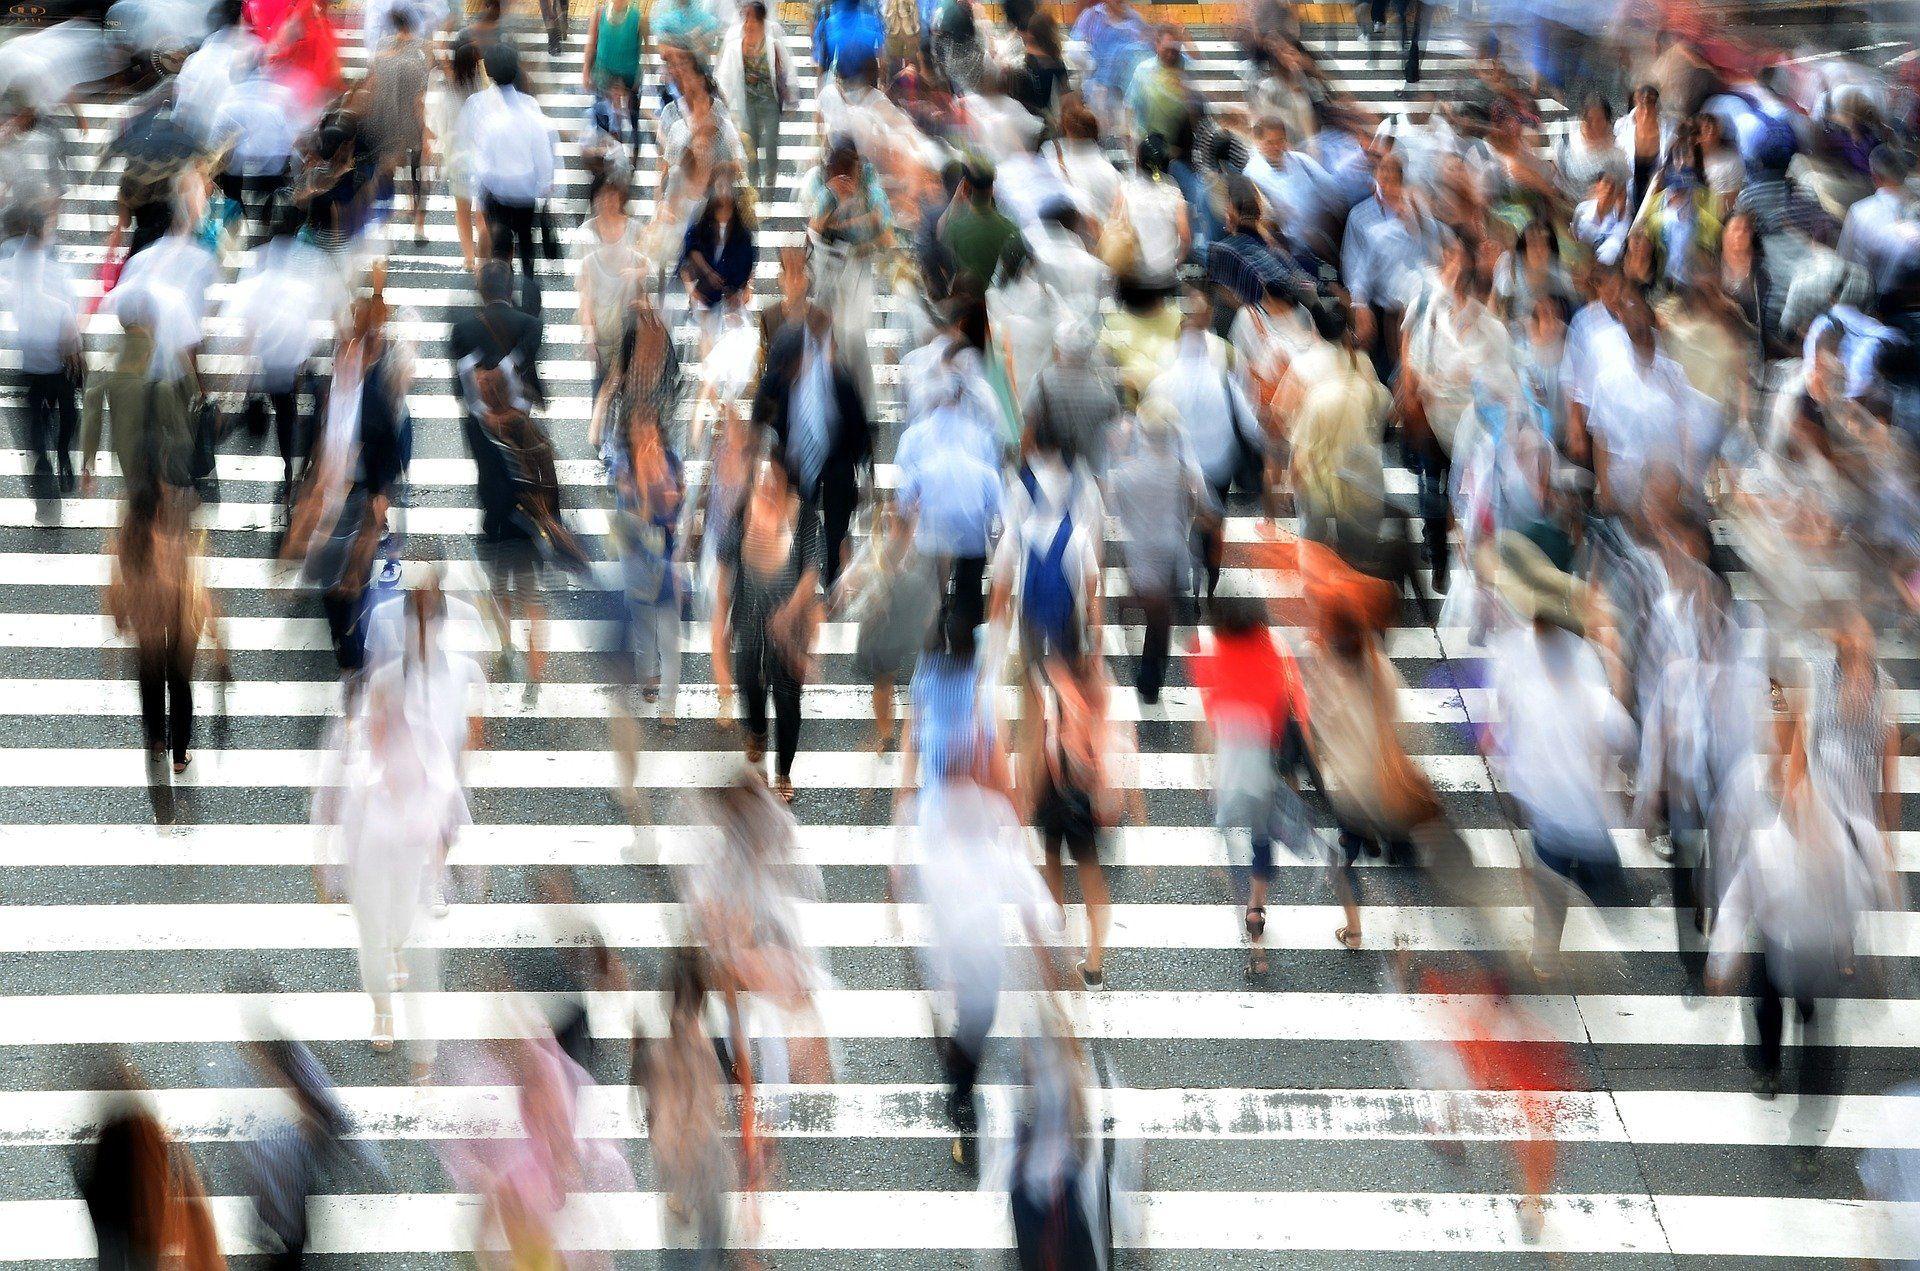 Menschen auf einem Fußgängerüberweg